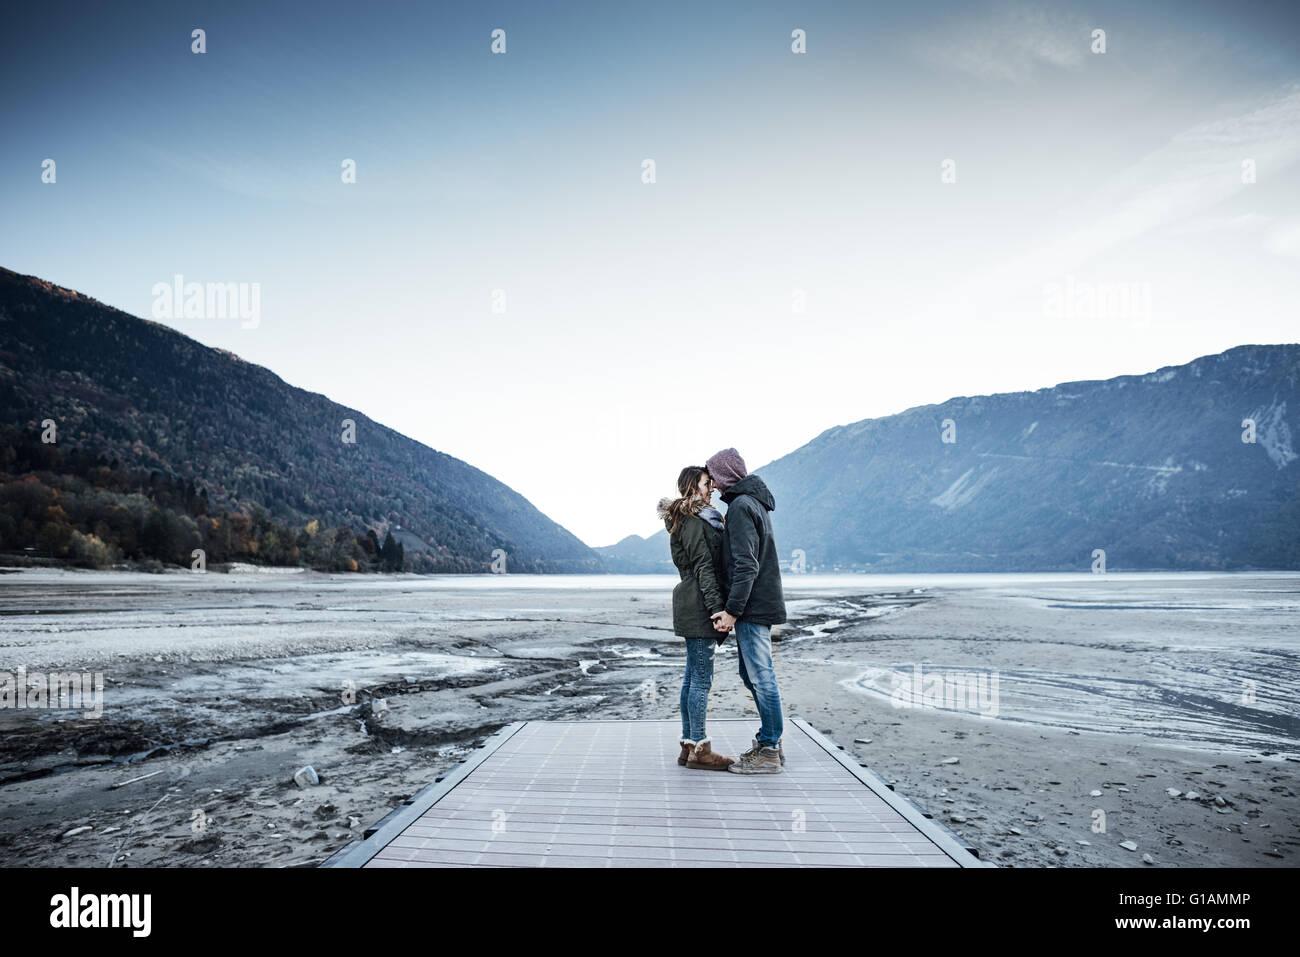 Romantico coppia giovane su un molo Holding Hands, il lago e le montagne sullo sfondo Immagini Stock